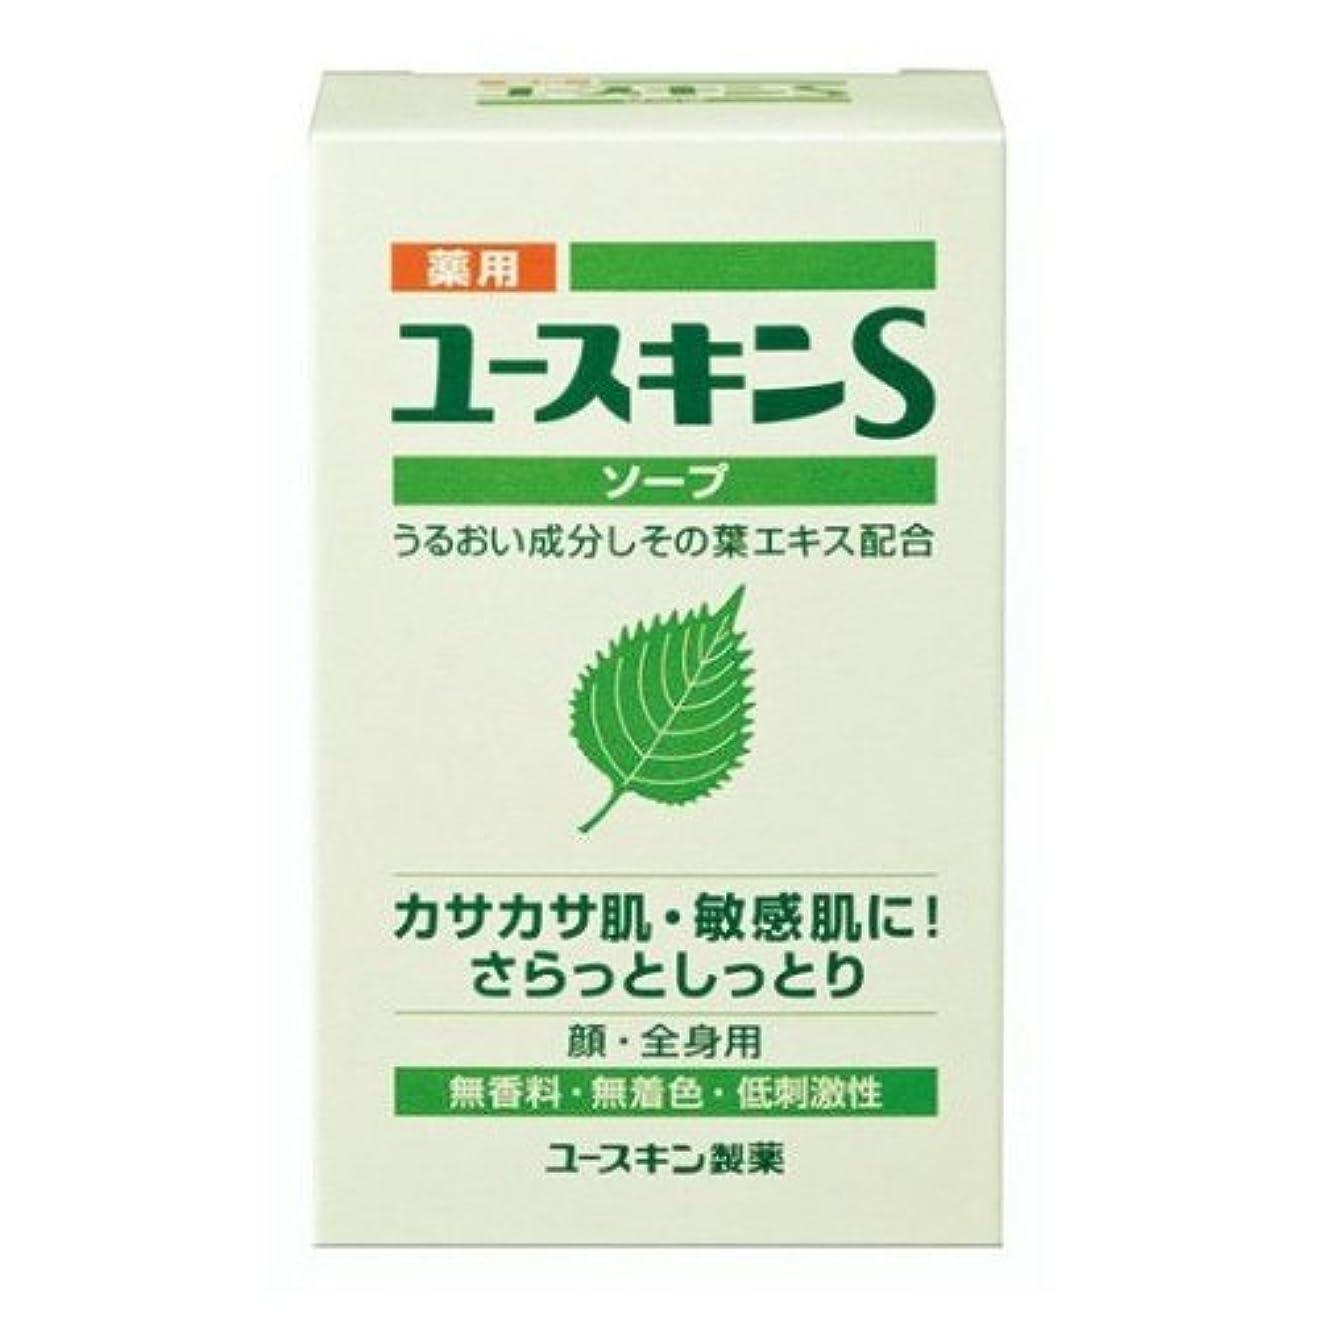 成果疲労助けになる薬用ユースキンS ソープ 90g (敏感肌用 透明石鹸) 【医薬部外品】